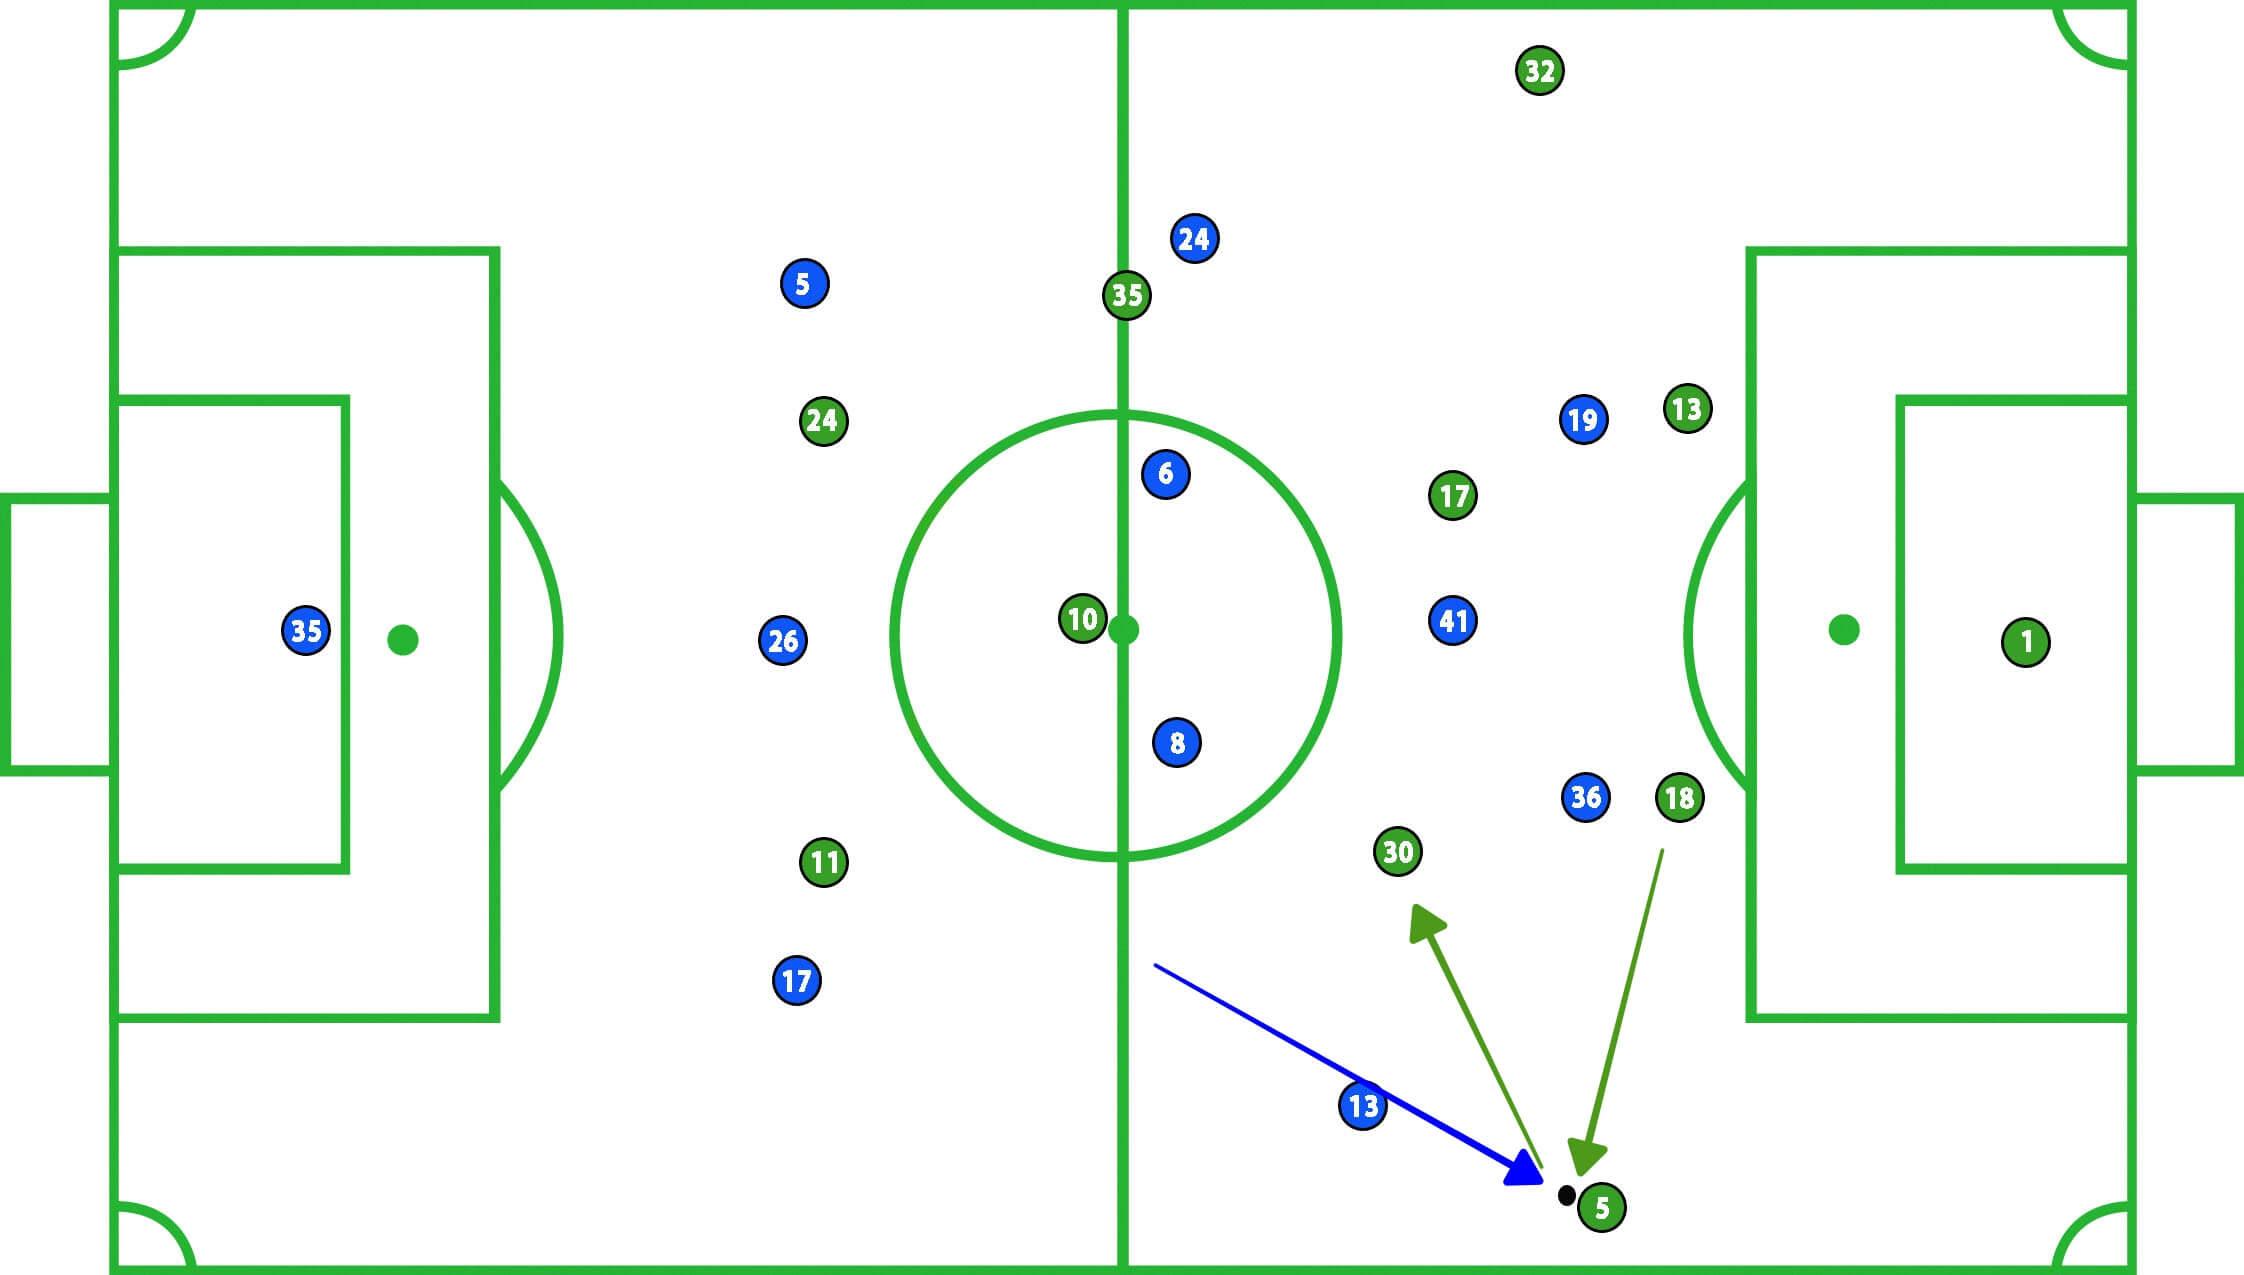 Schalke Werder Bremen DFB Pokal Tactical Analysis